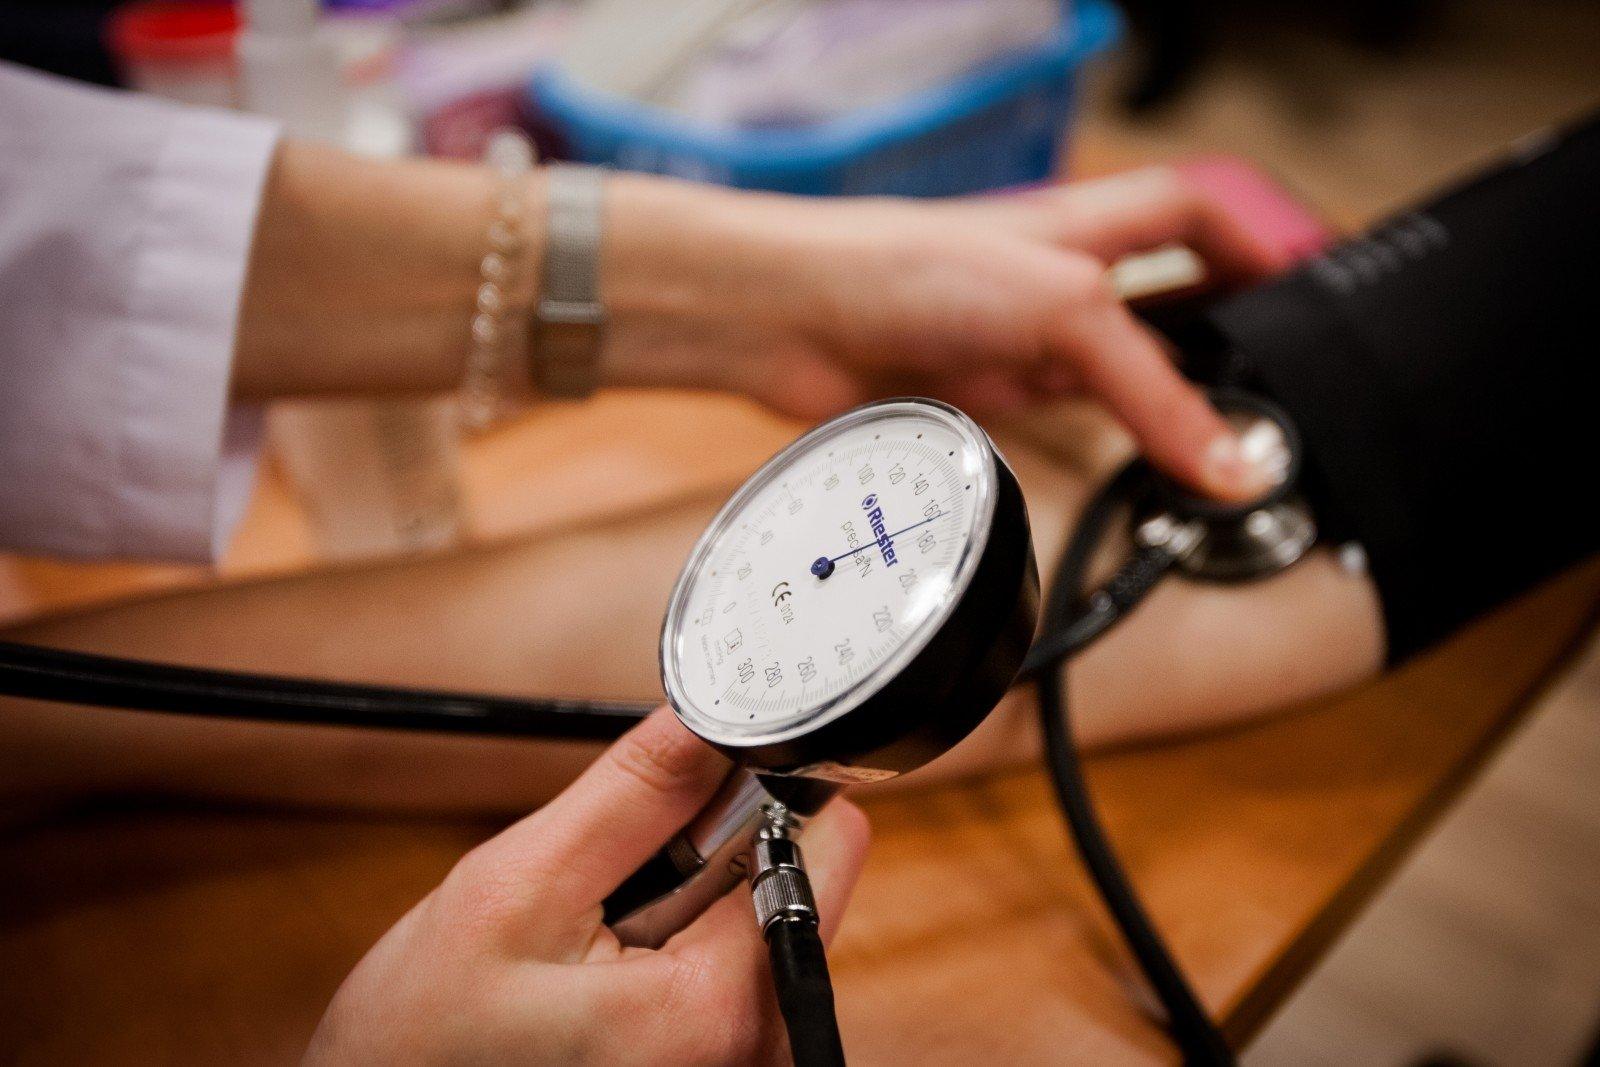 kaip nevalgymas veikia hipertenziją